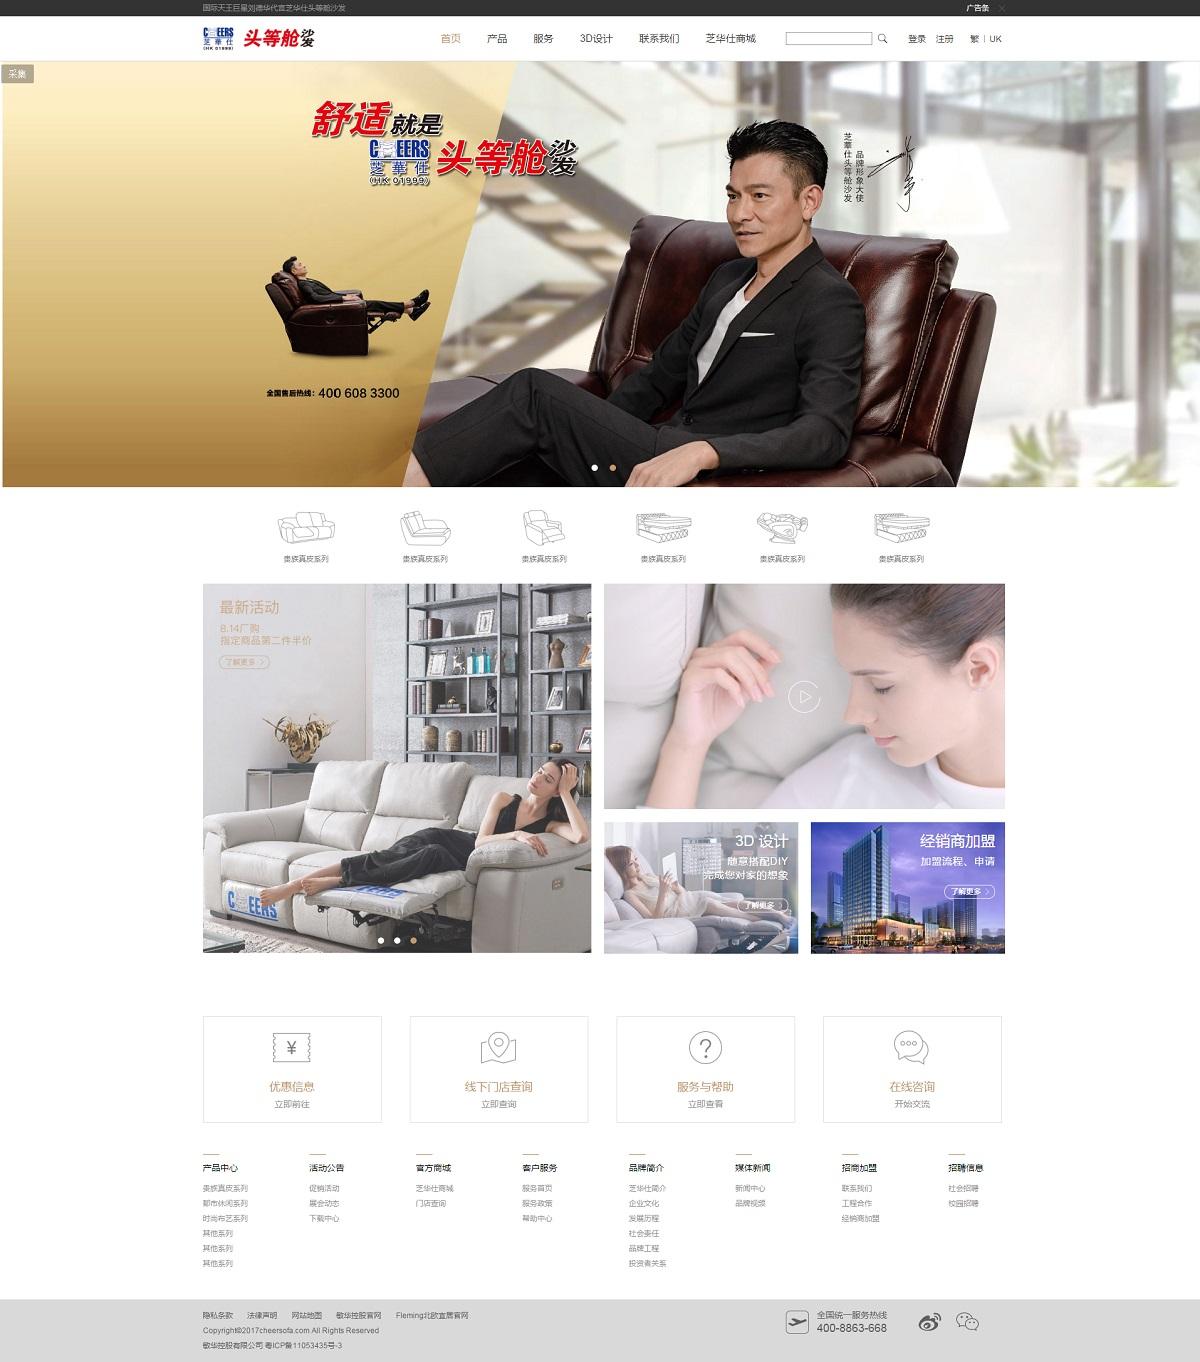 芝华仕 头等舱沙发——CHEERS芝华仕官方网站,CHEERS把芝华仕沙发带回家,把舒适、健康带回家,功能沙发十大品牌!1.jpg